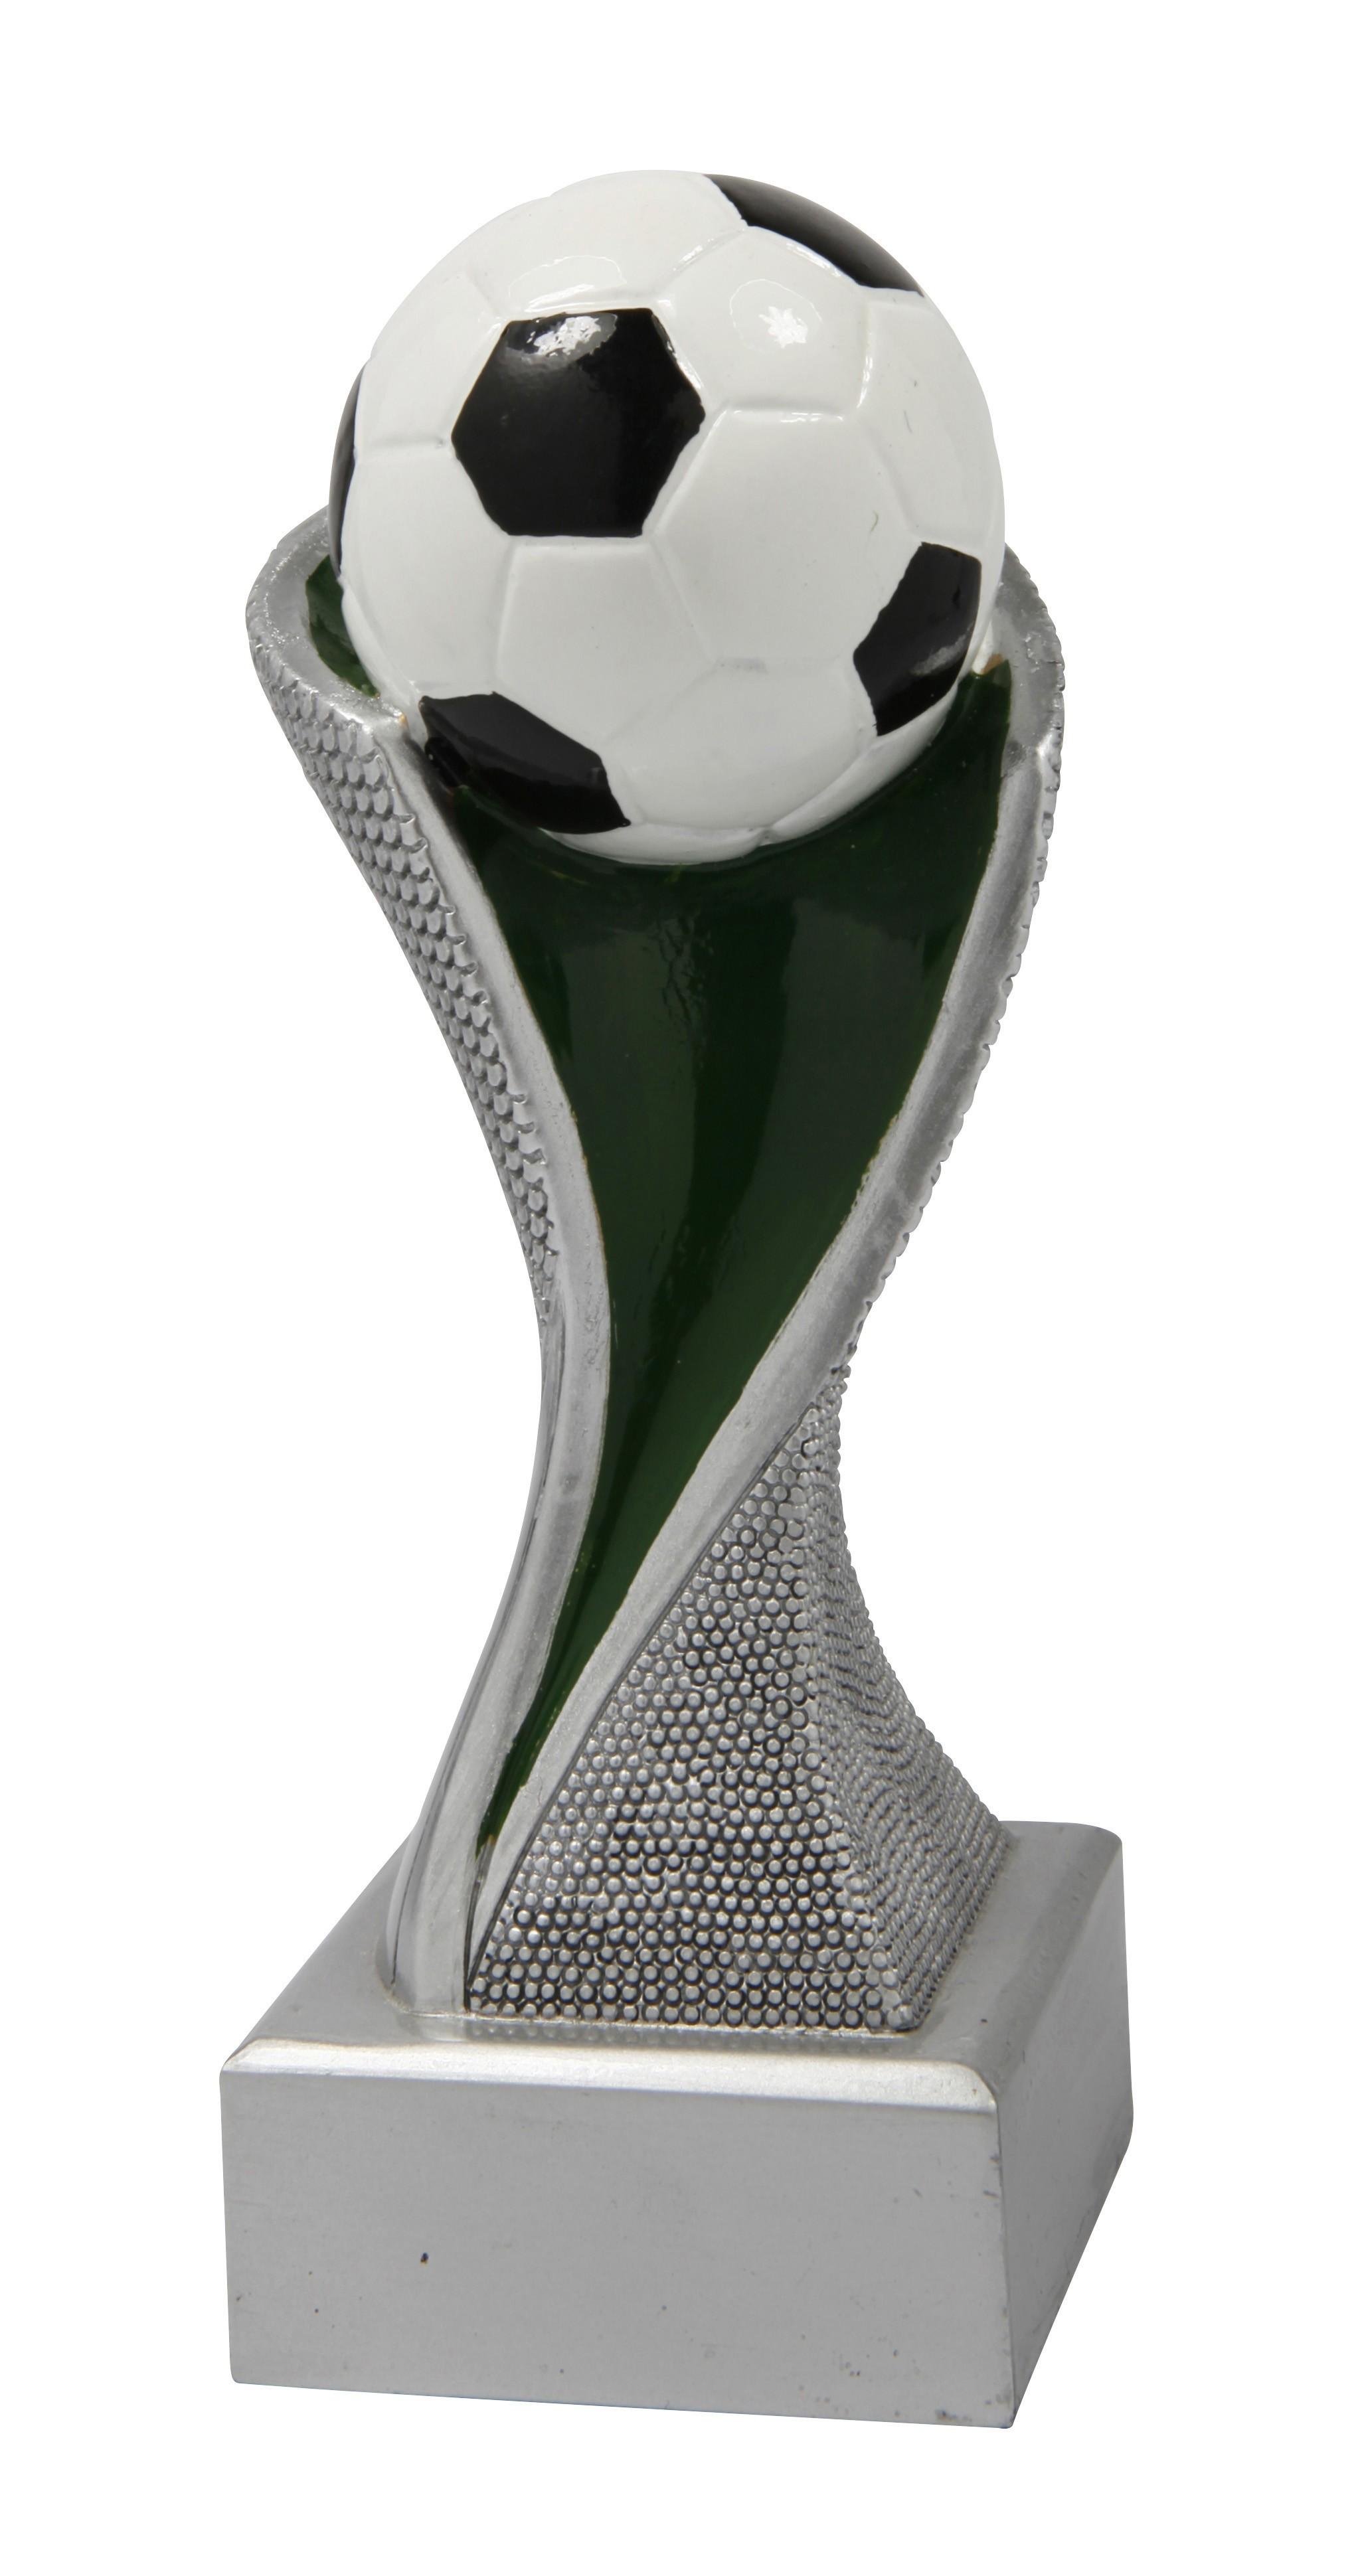 Standaard met voetbal WFG4010 Serie